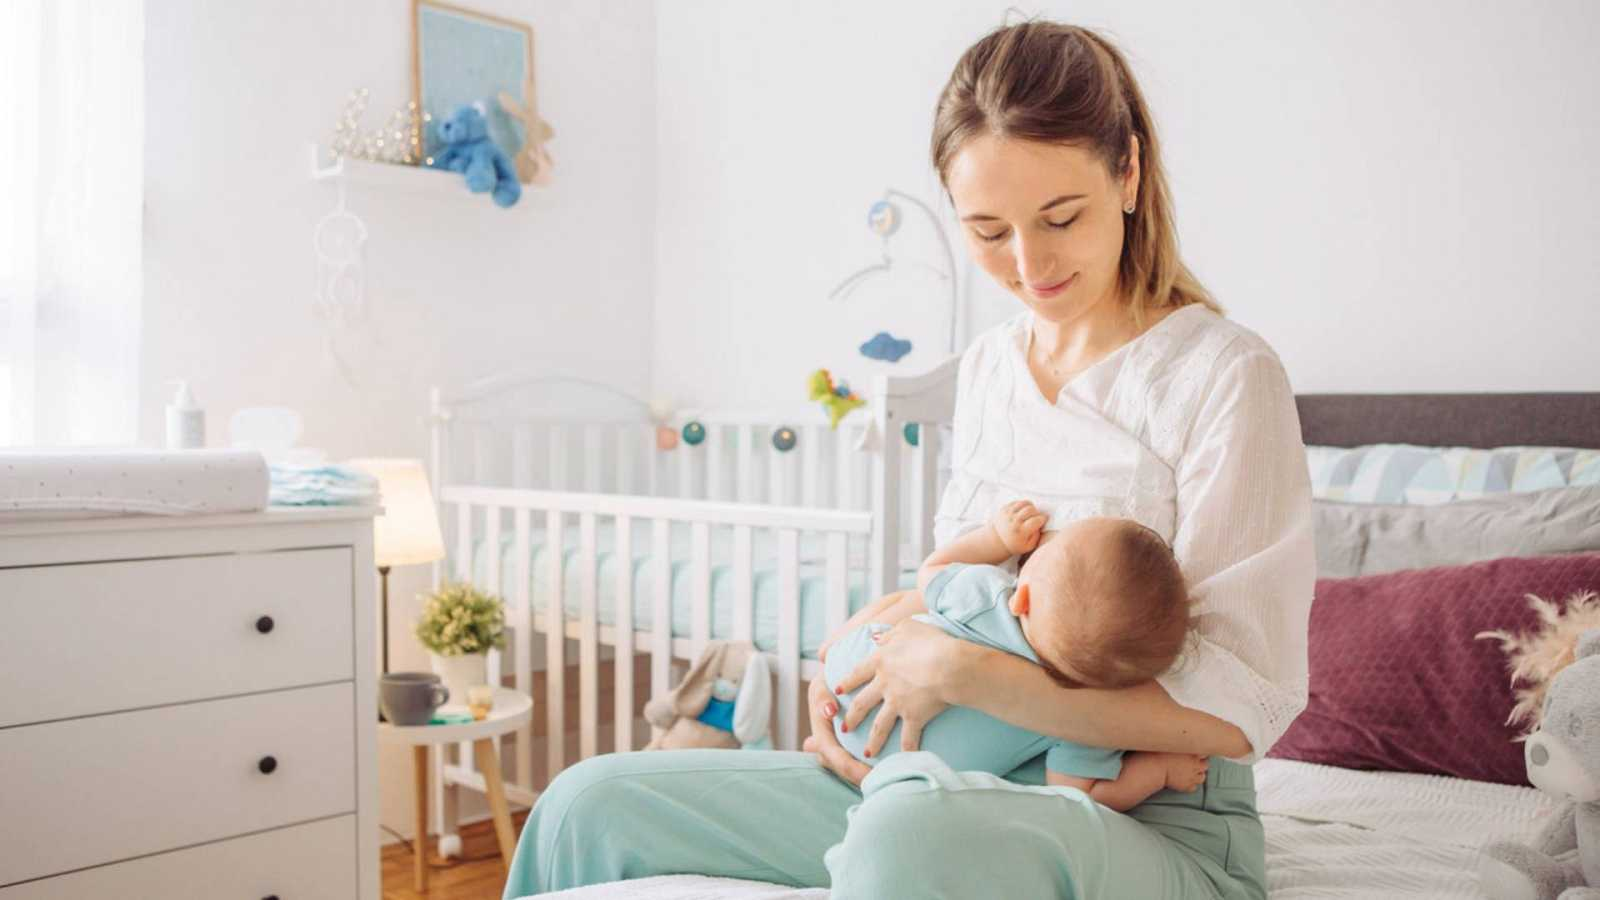 Alimento y salud - Lactancia materna, inmunidad - 11/10/20 - Escuchar ahora